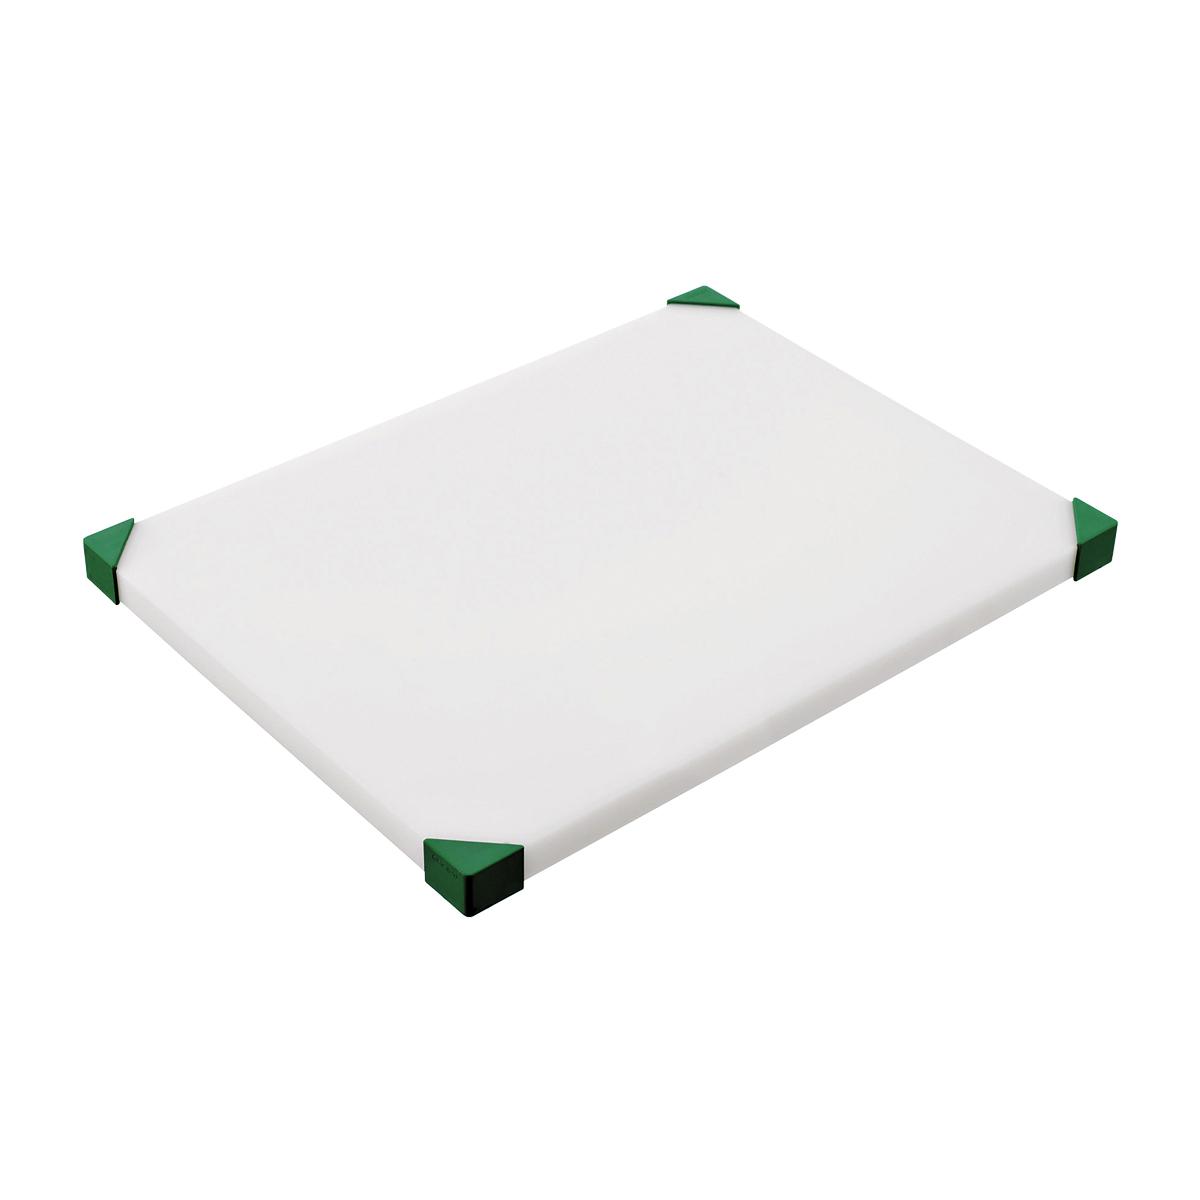 araven まな板 504×304×H34mm 緑 7101